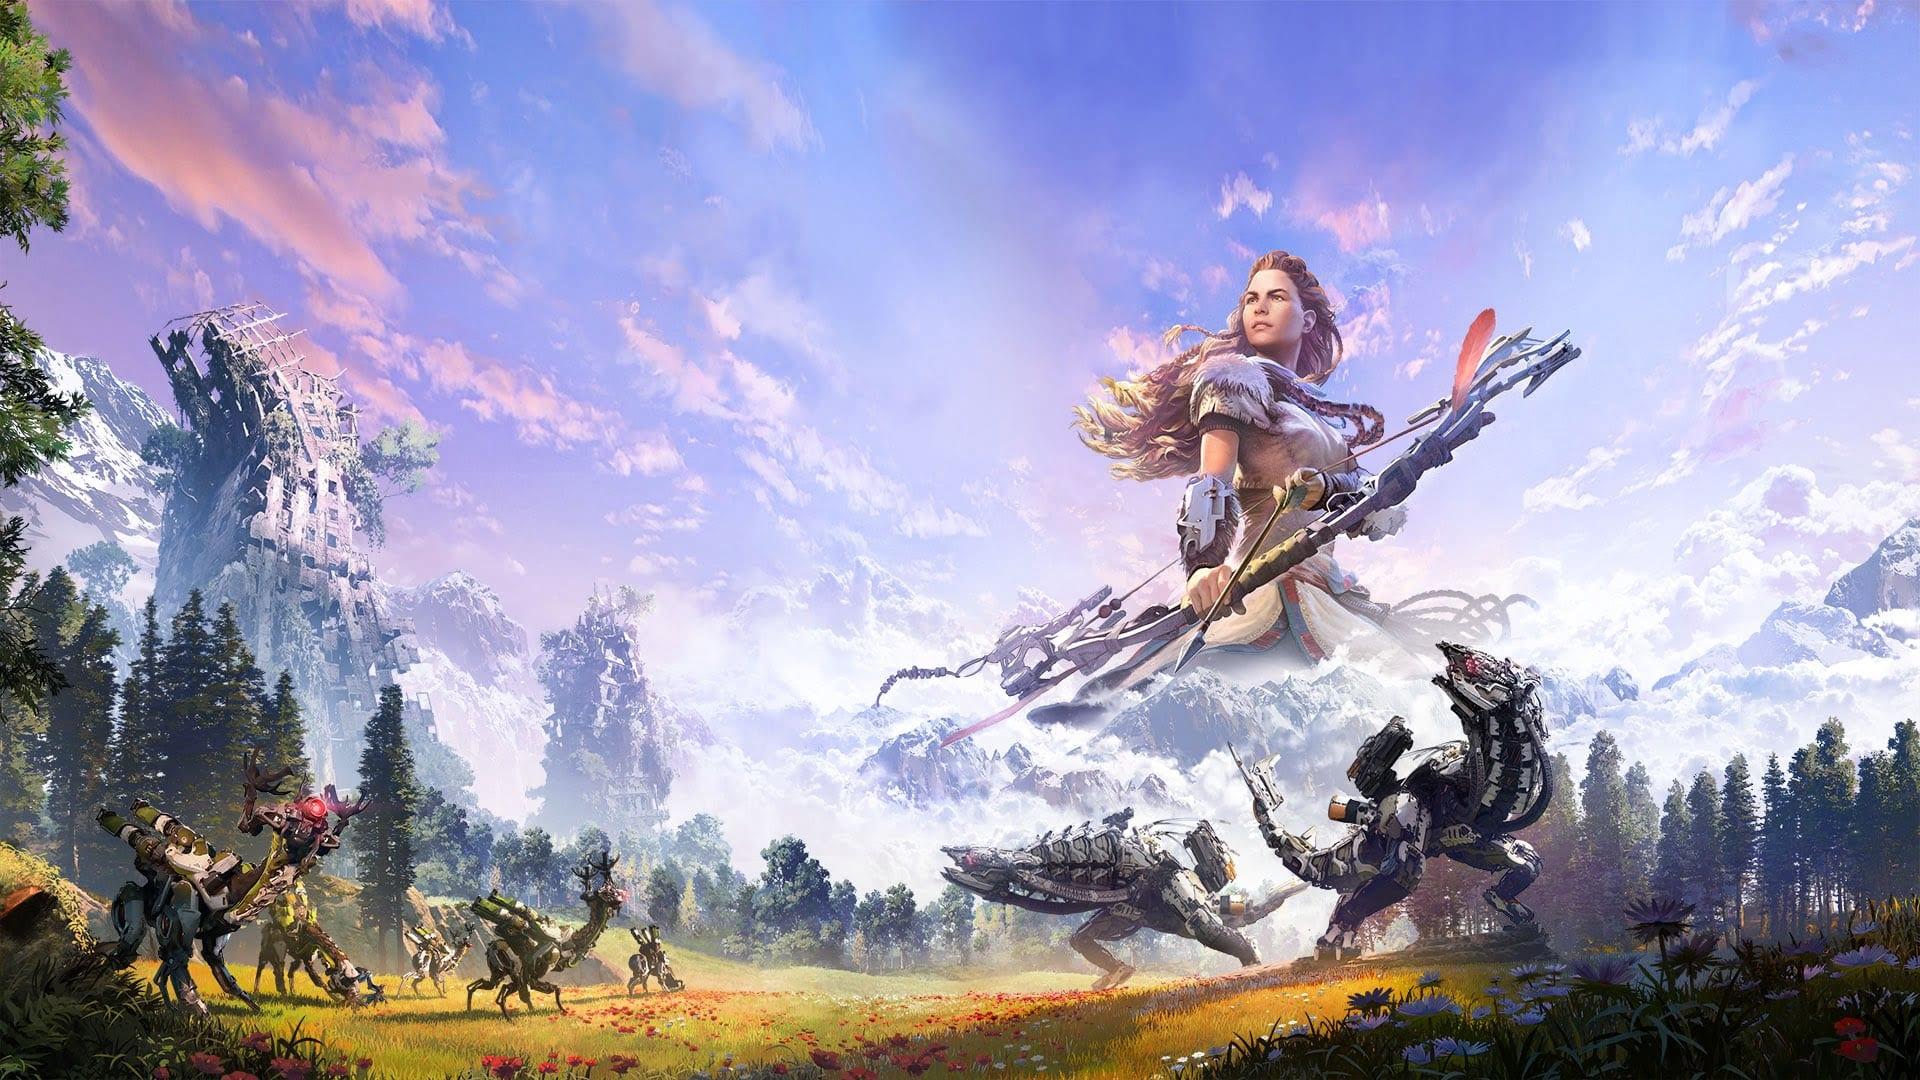 Horizon Zero Dawn вышла в GOG и получила патч 1.08, который позволит запустить игру на процессорах без AVX